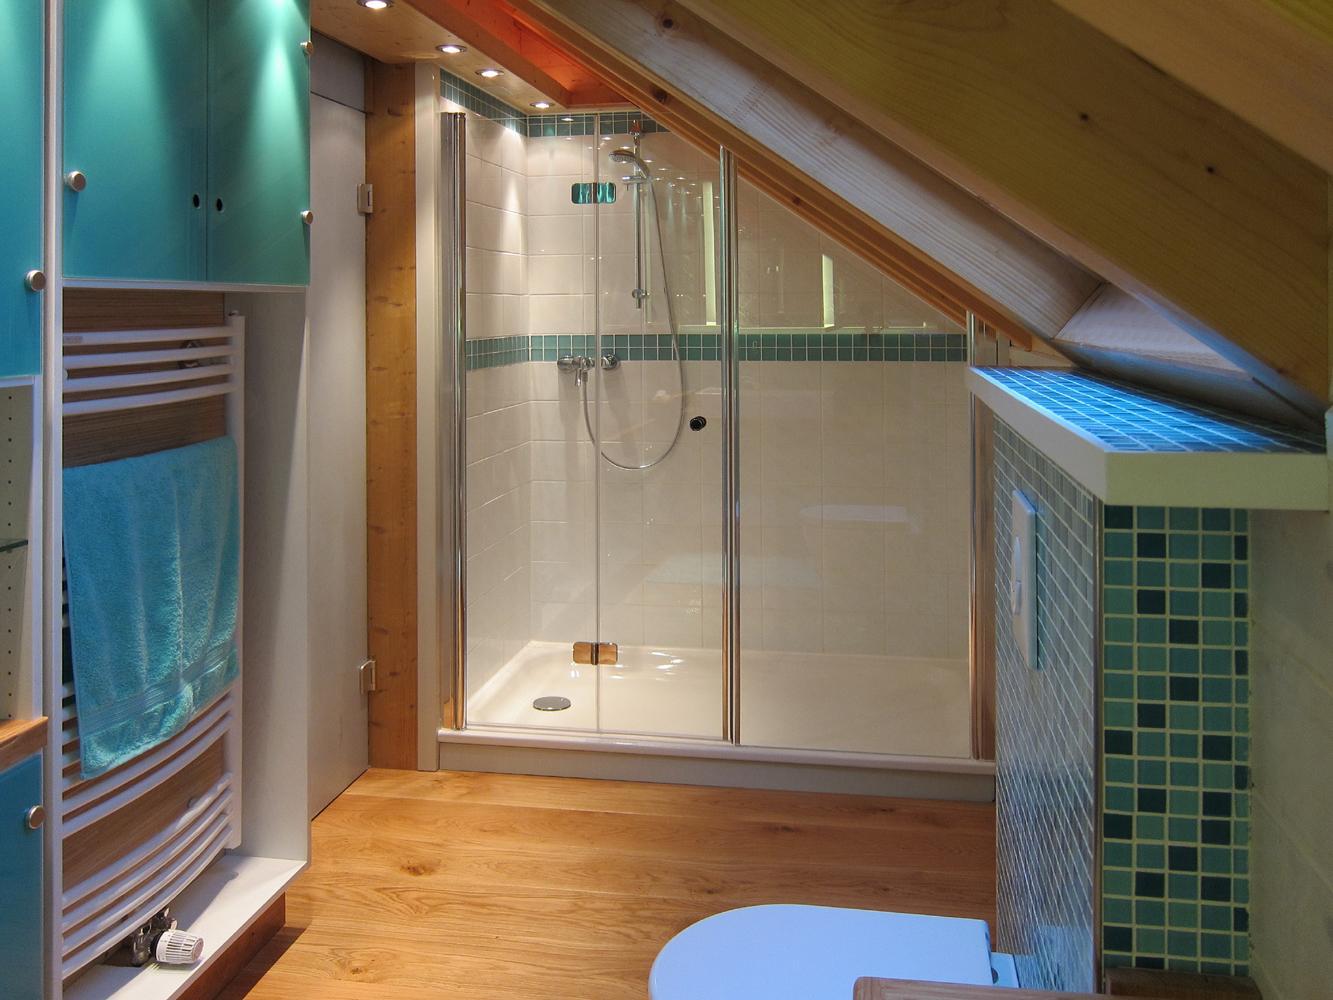 Bezaubernd Dusche In Dachschräge Dekoration Von Der Dachschräge #dachschräge #mosaikfliesen #dusche #deckenstrahler #badezimmerschrank